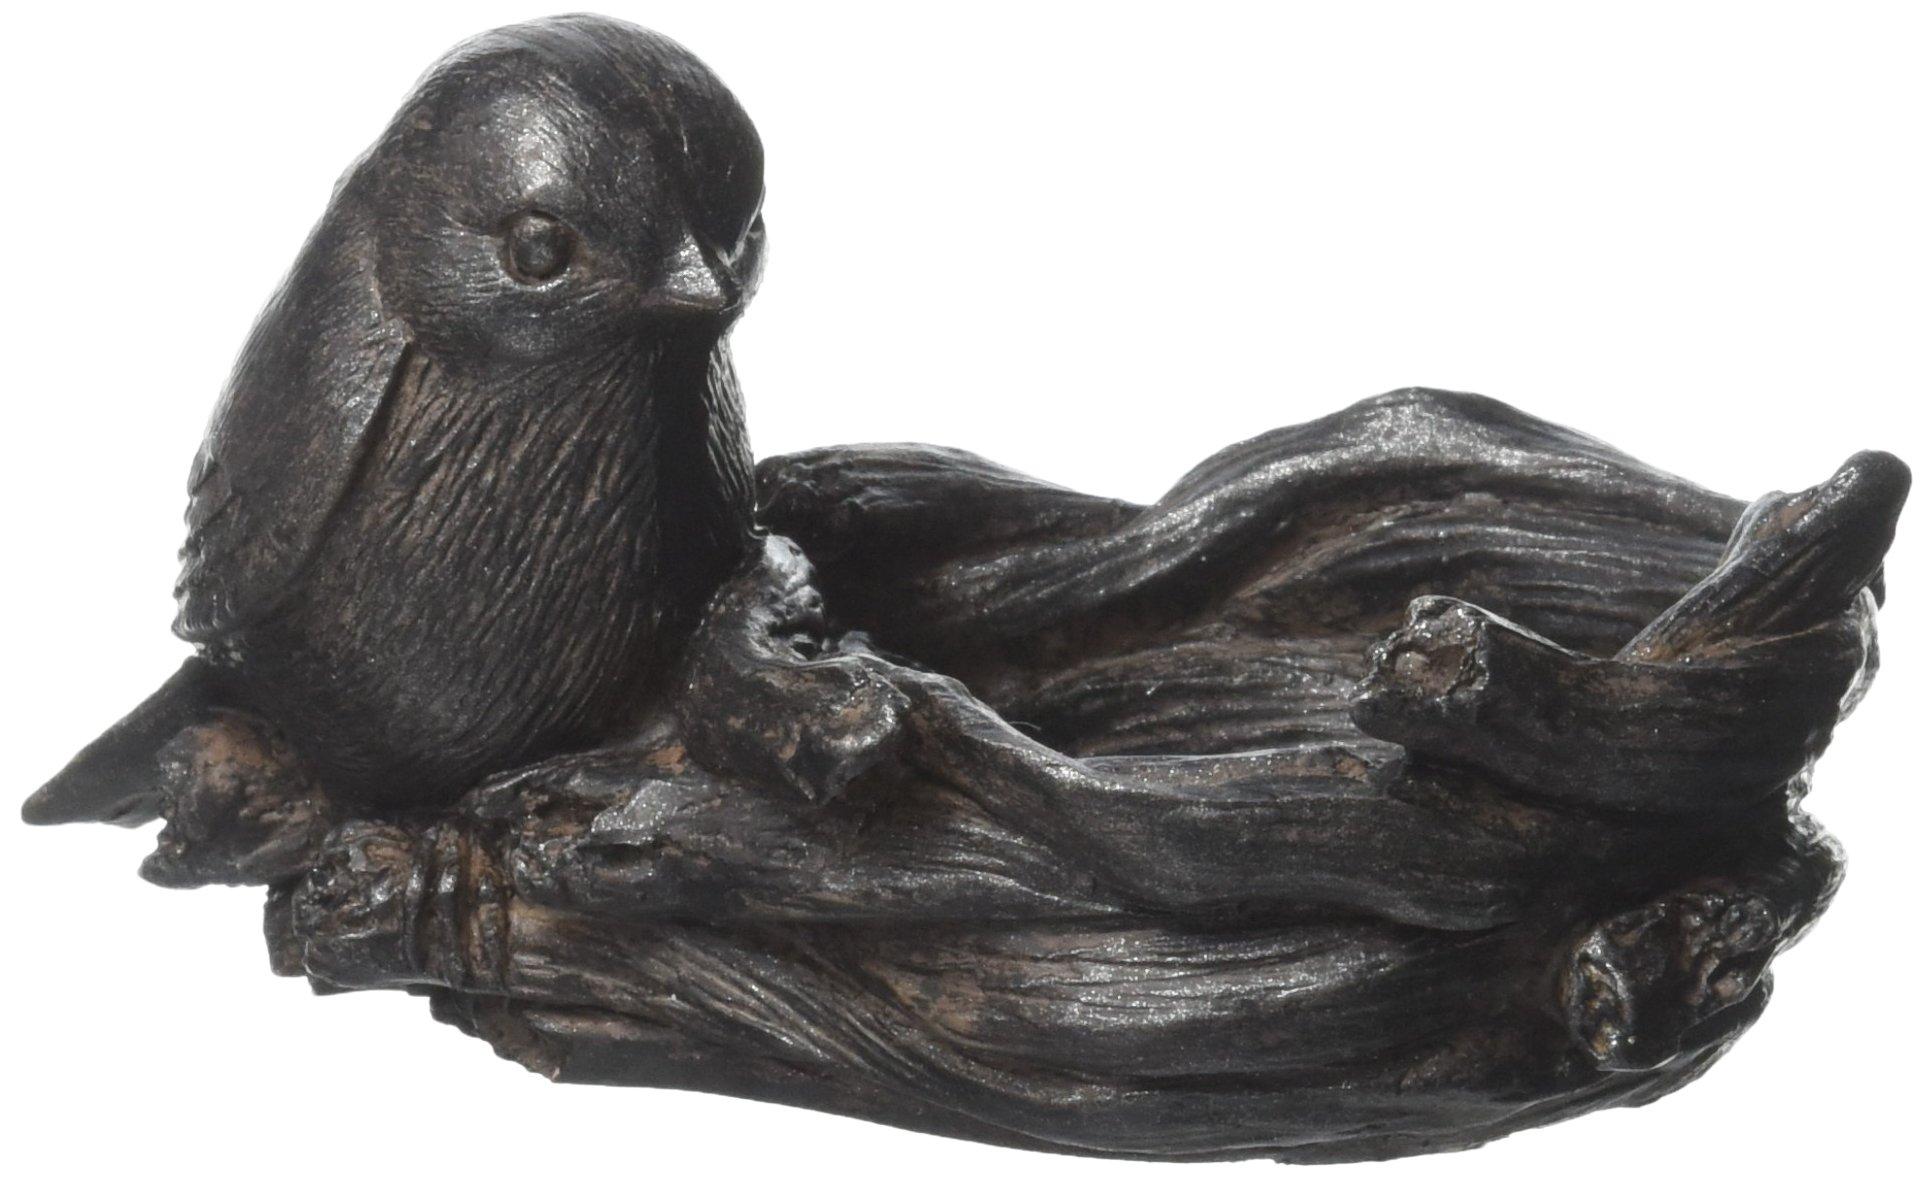 Abbott Collection Small Bird & Nest Votive Holder, Dark Brown